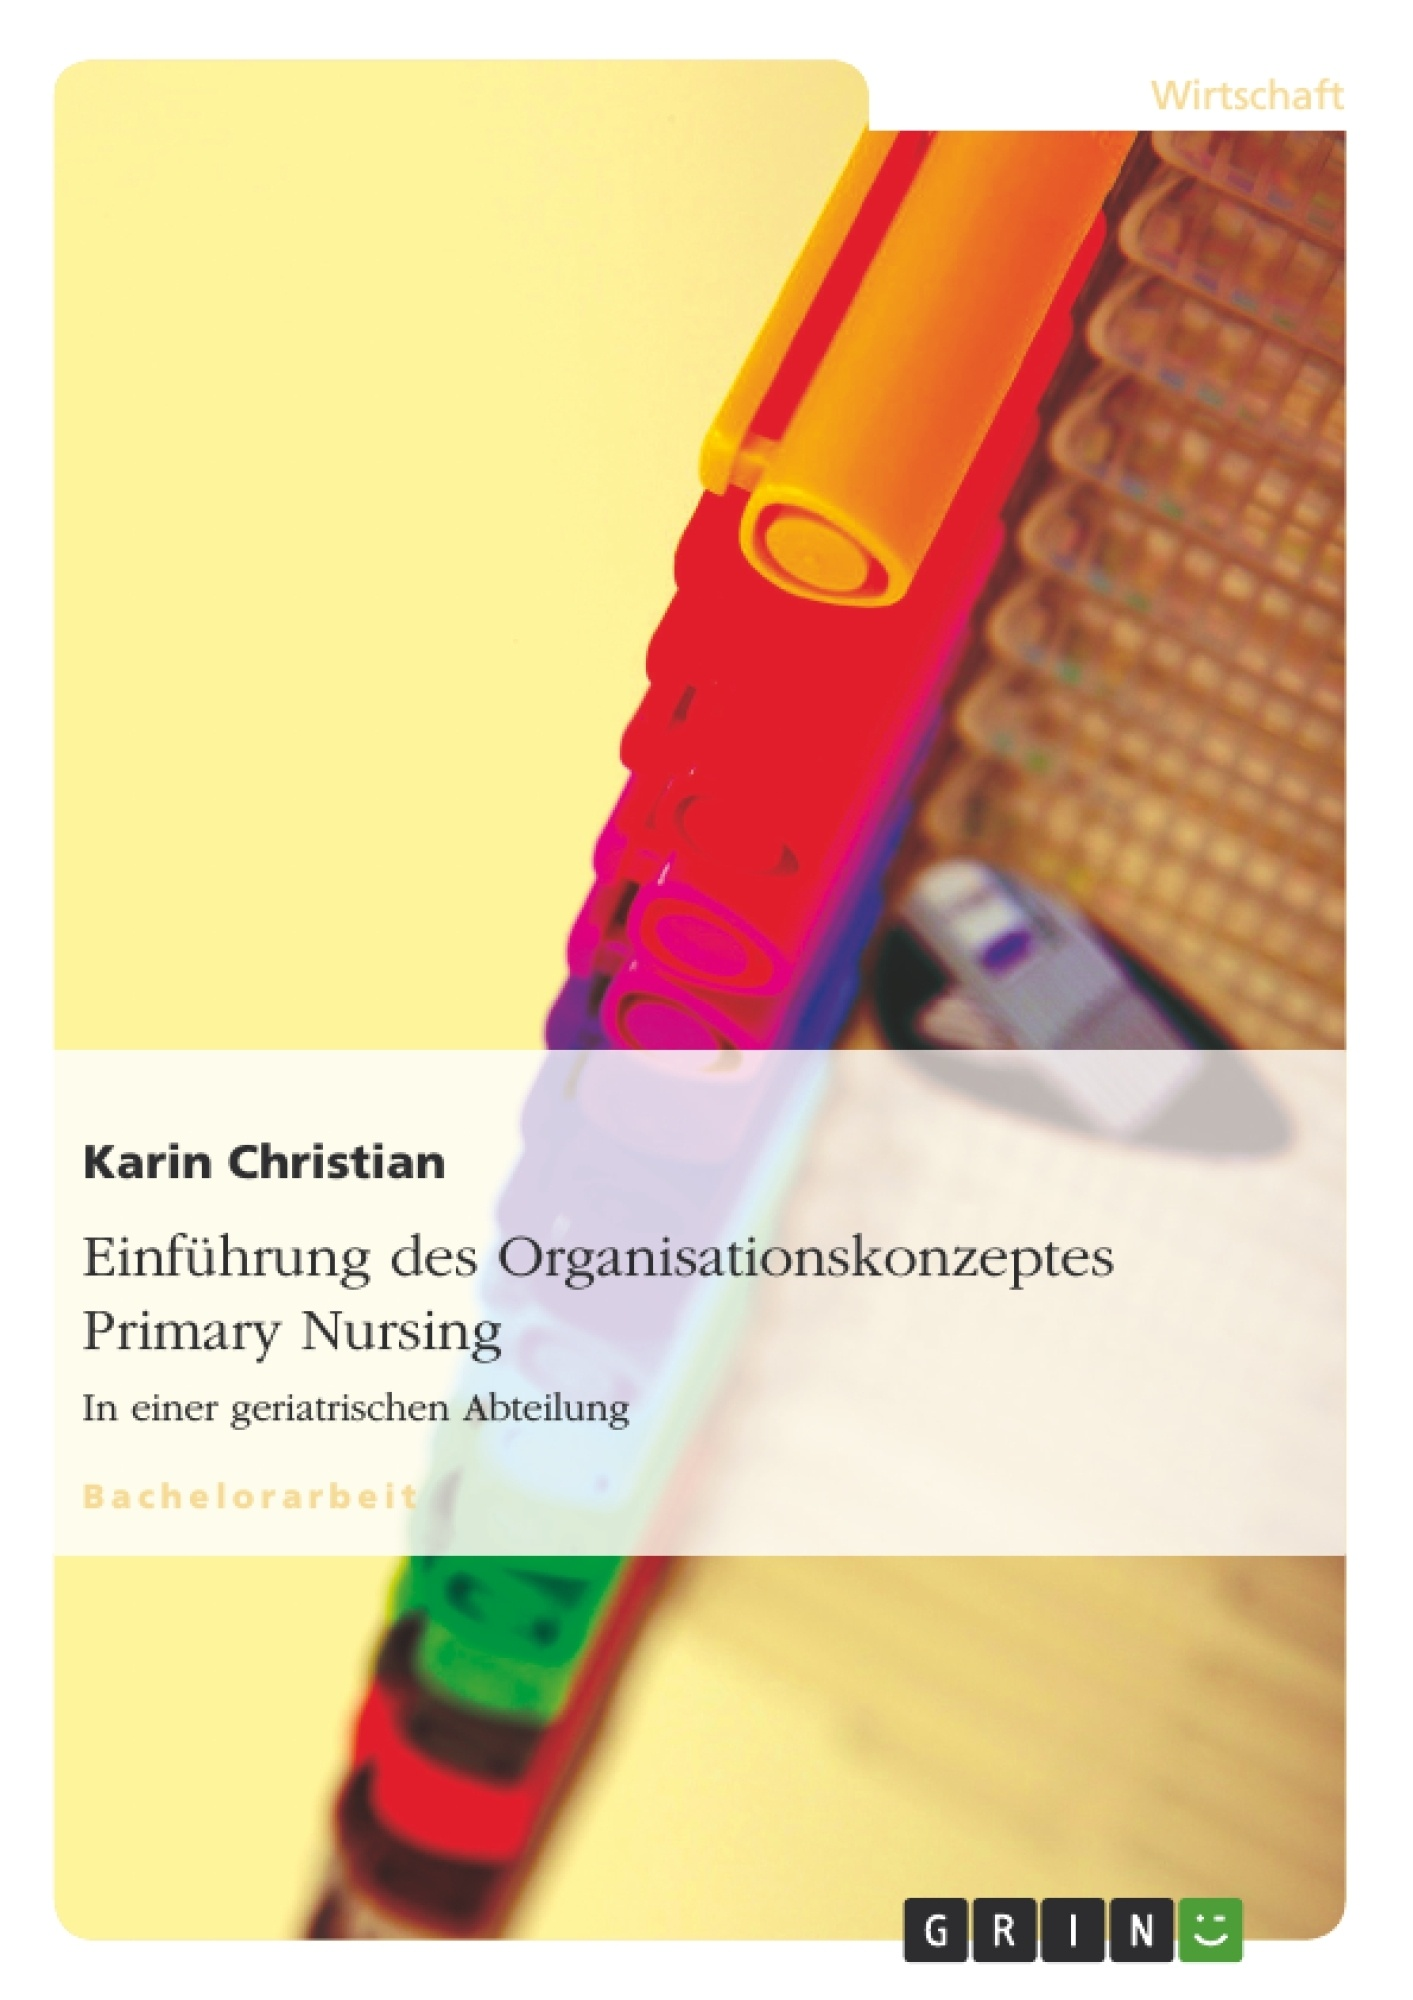 Titel: Einführung des Organisationskonzeptes Primary Nursing